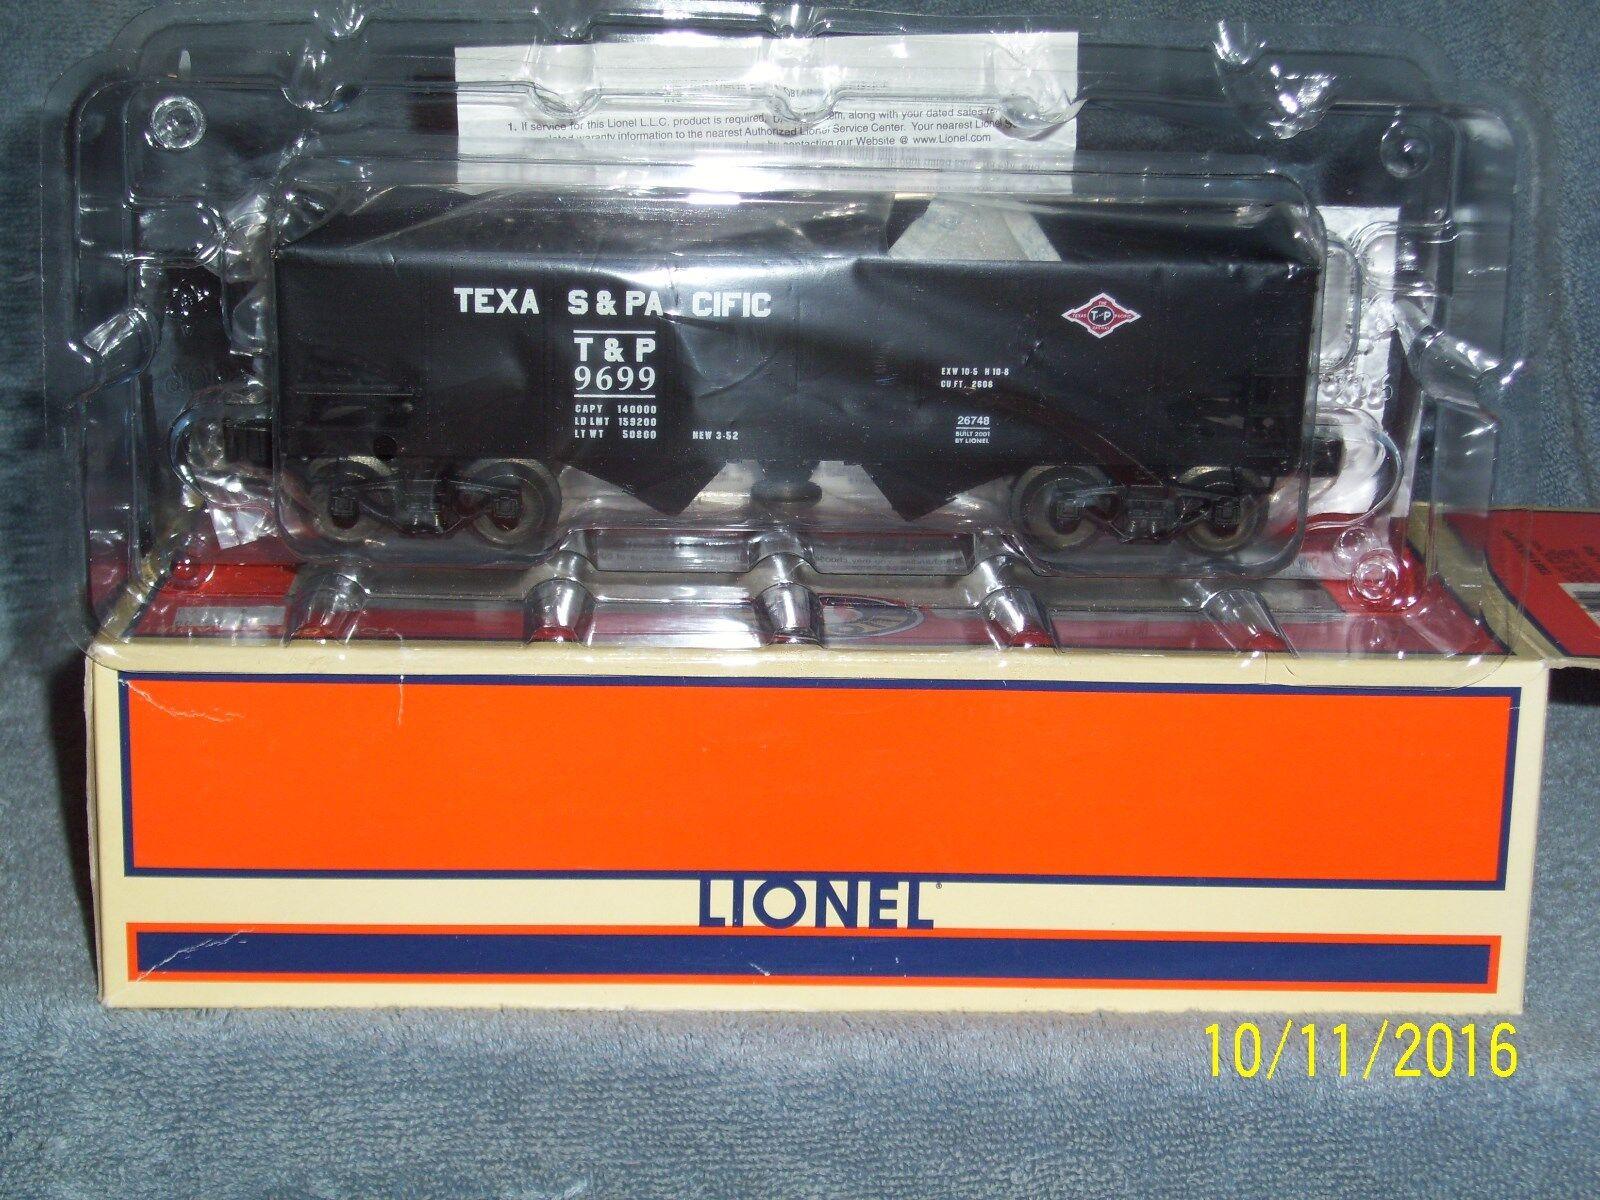 Tu satisfacción es nuestro objetivo Lionel 6-26478 Texas & & & Pacific Tolva  9699  ahorra hasta un 70%